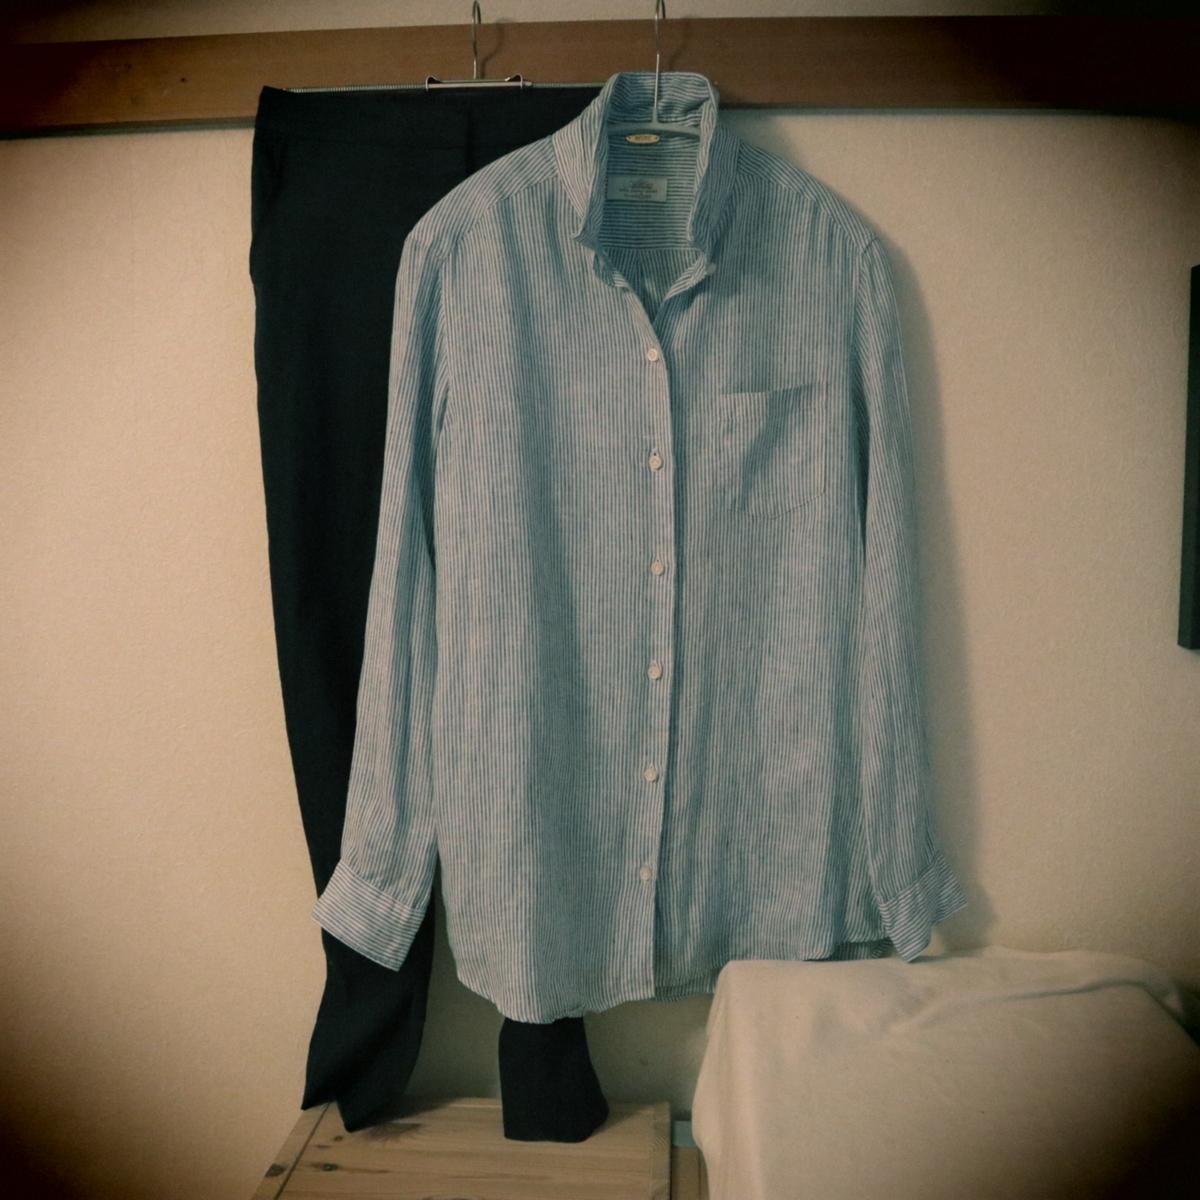 ストライプシャツとパンツ